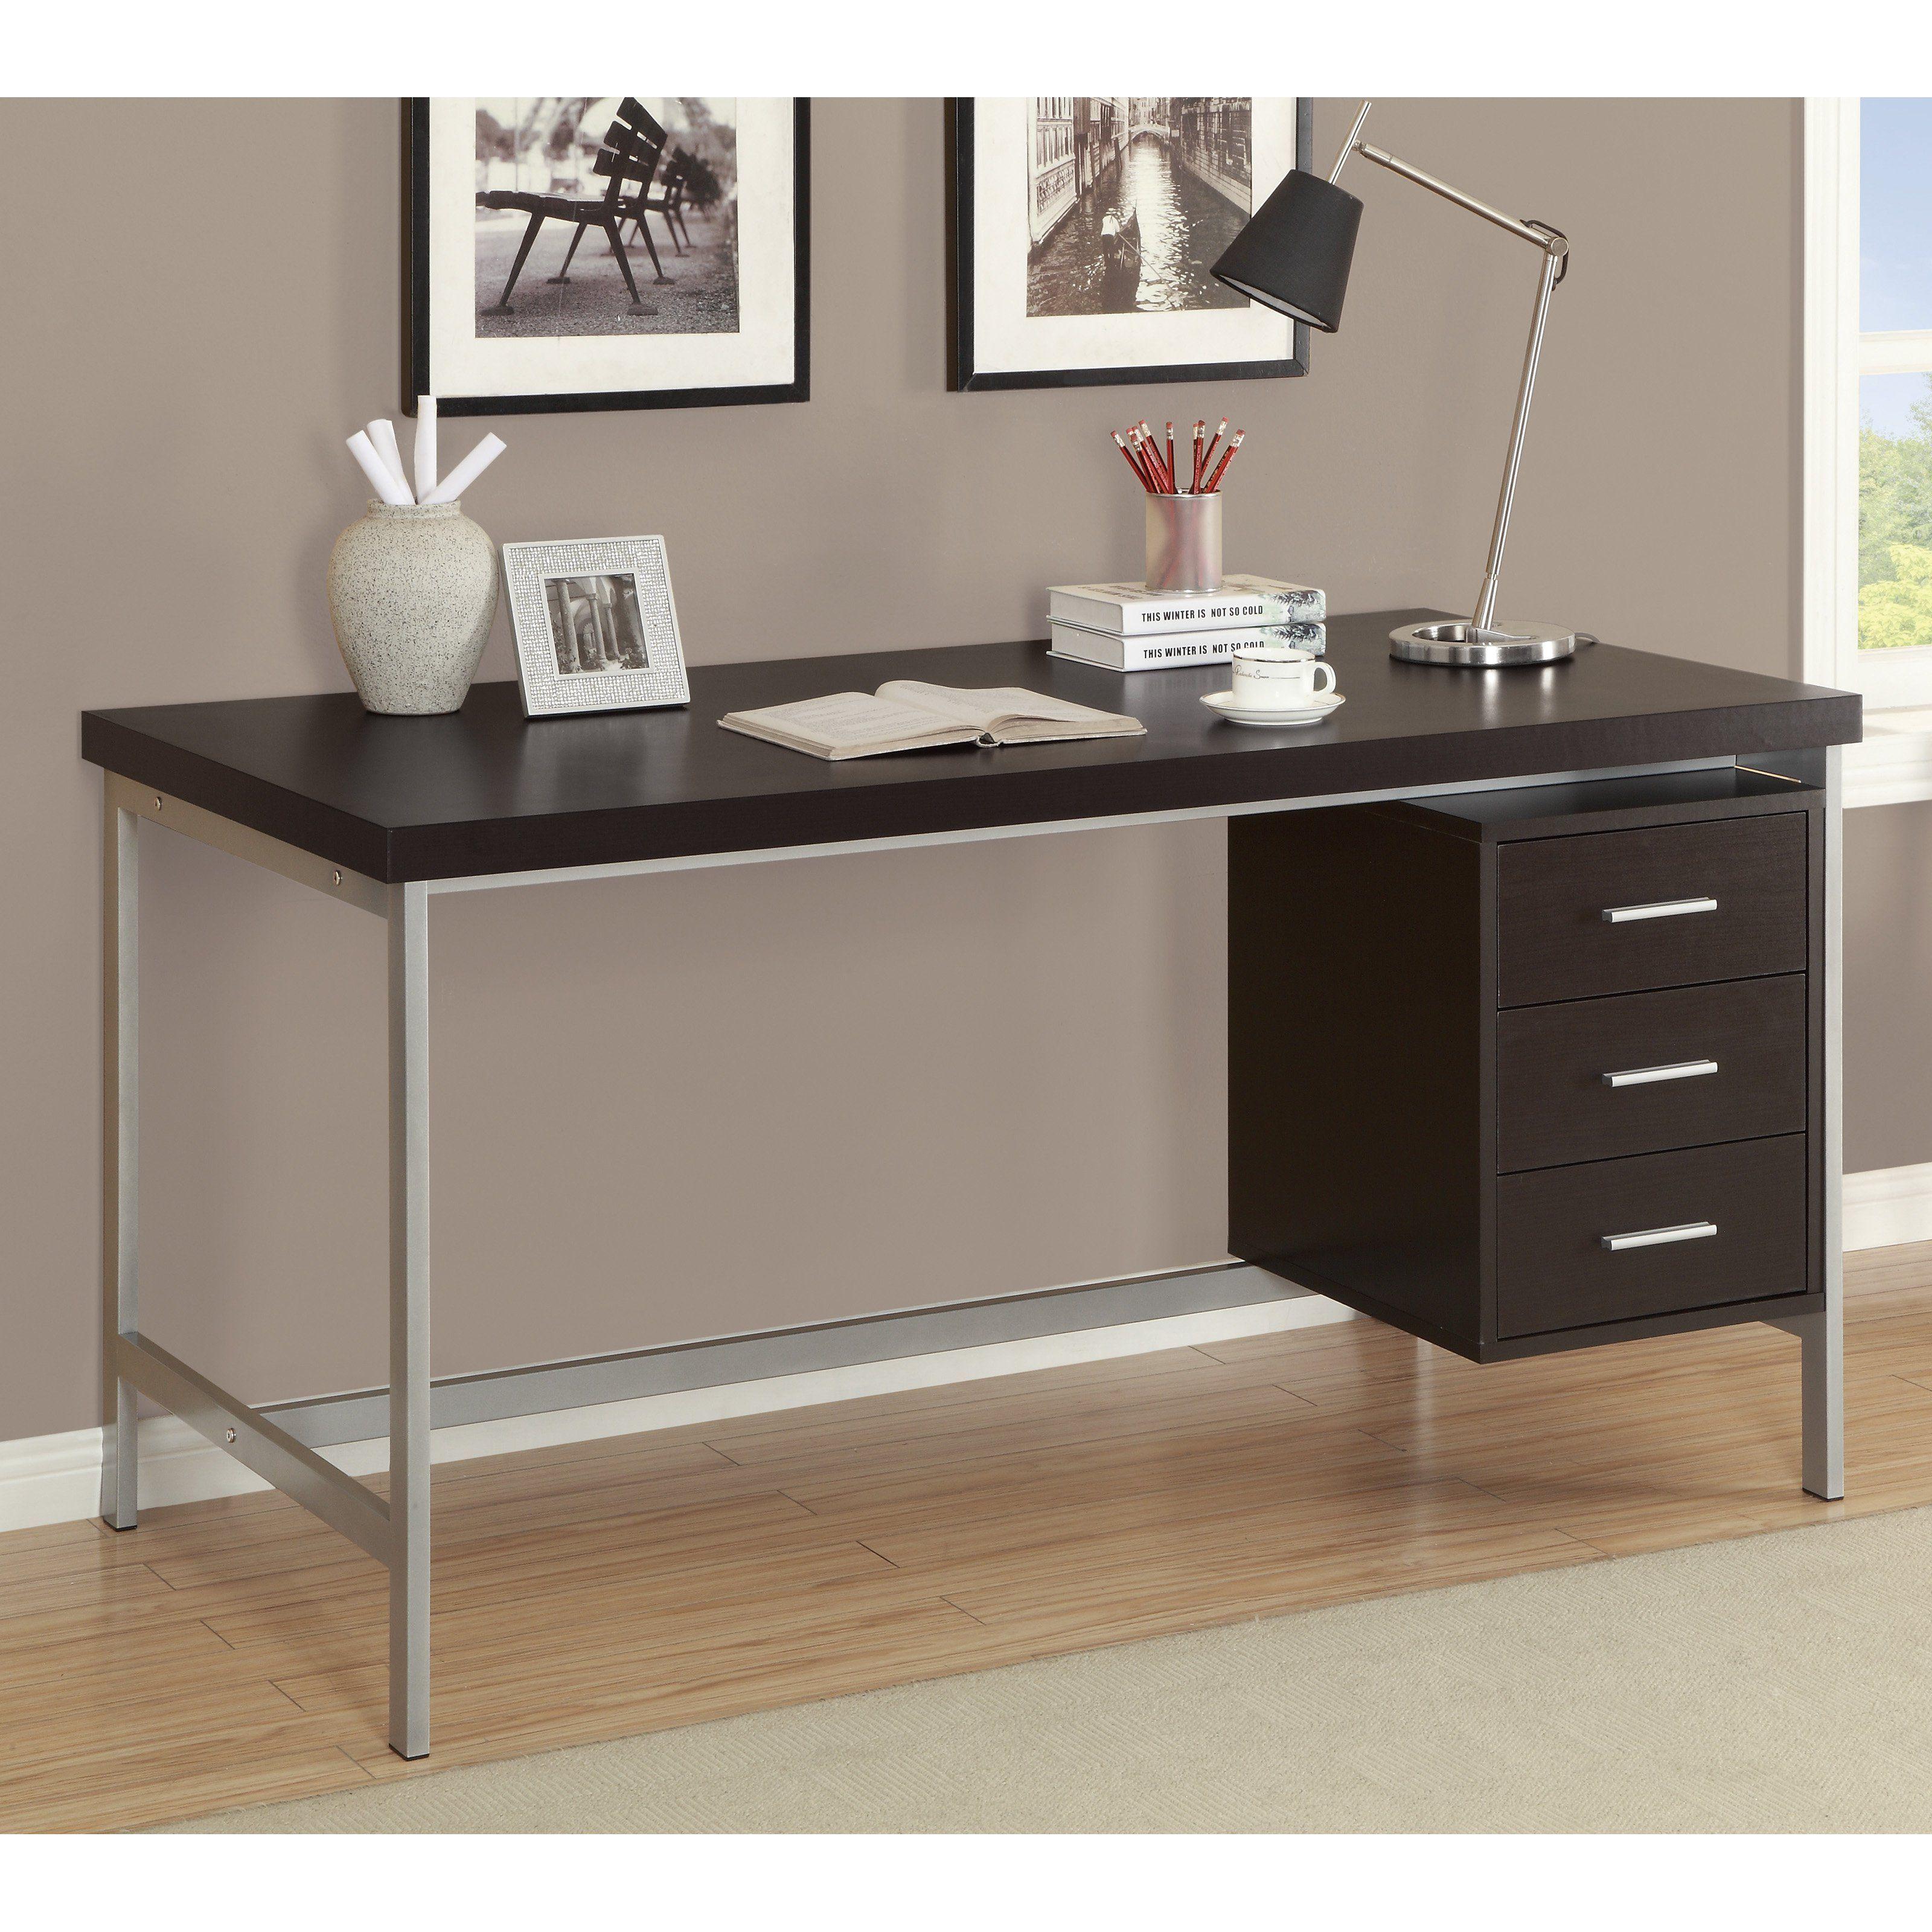 Monarch 60 In. Hollow Core Metal Office Desk   Get Sleek, Mid